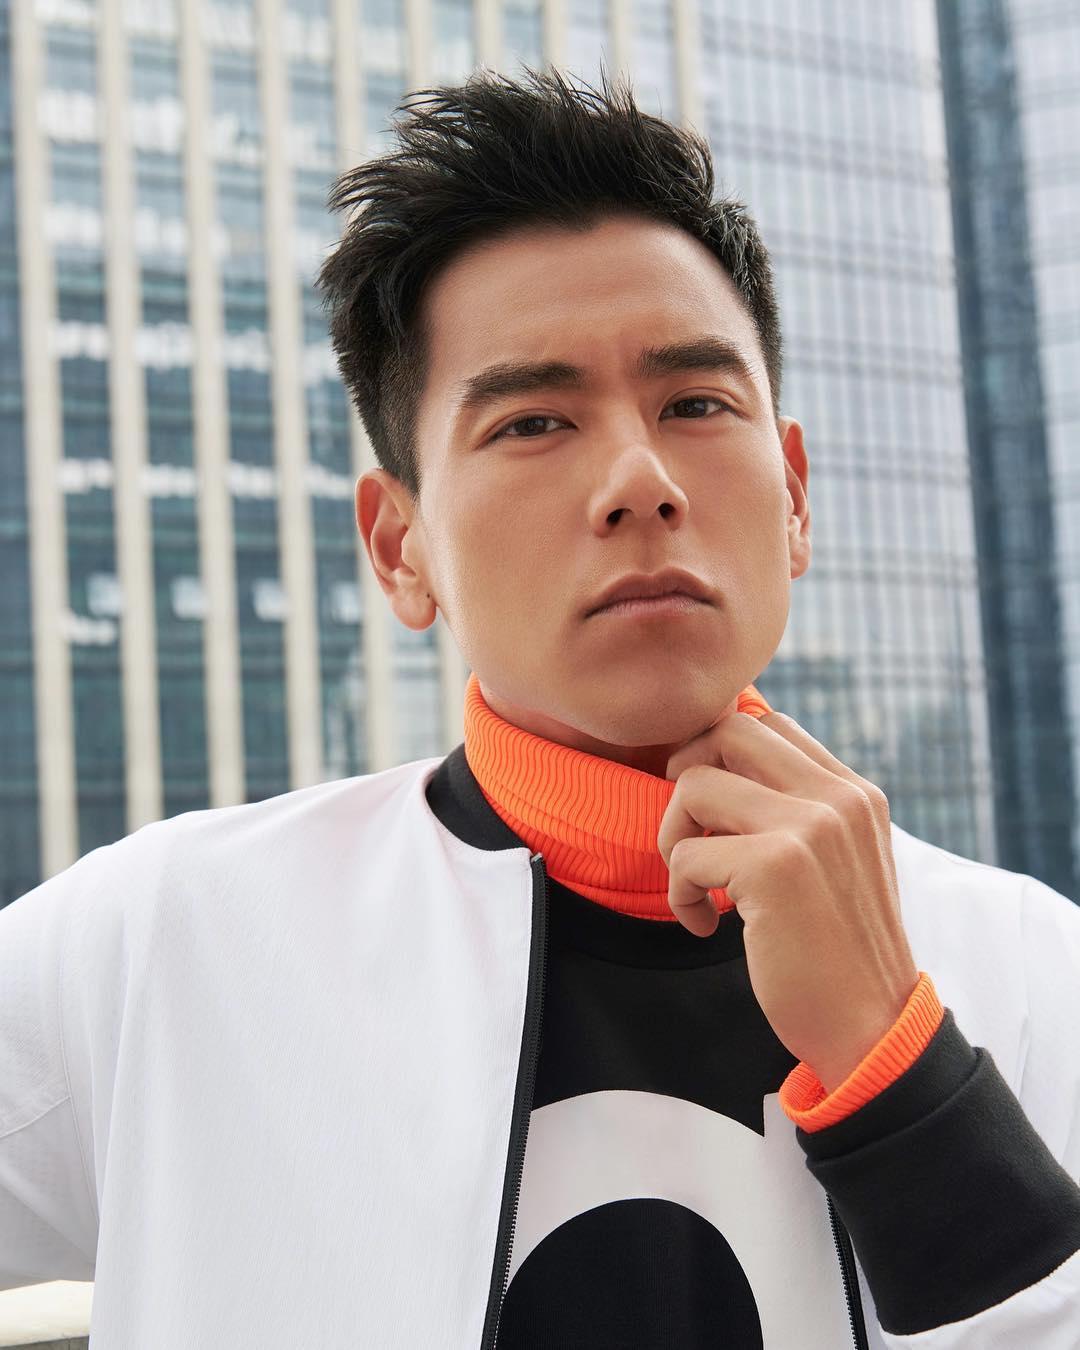 中国「百大名人」榜单曝光!年收突破百亿元 前10名「仅一位台湾艺人」! - 宅男圈